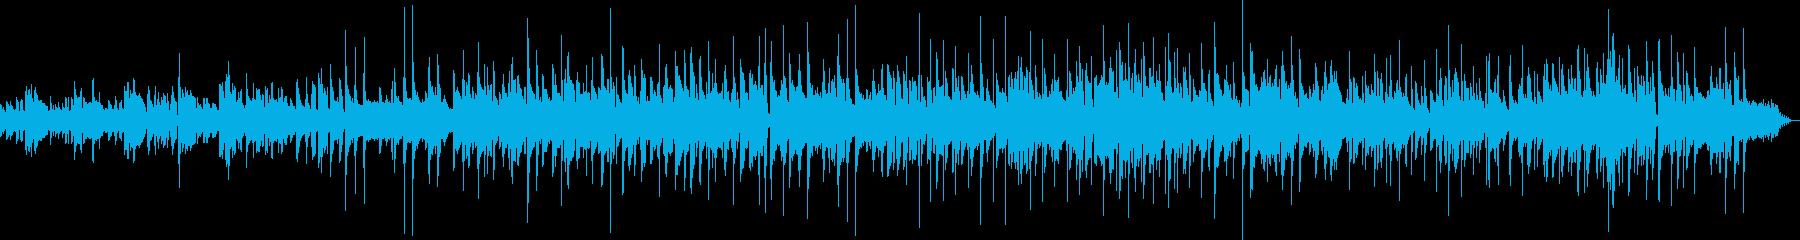 素朴ほのぼのBGM リコーダーとギターの再生済みの波形